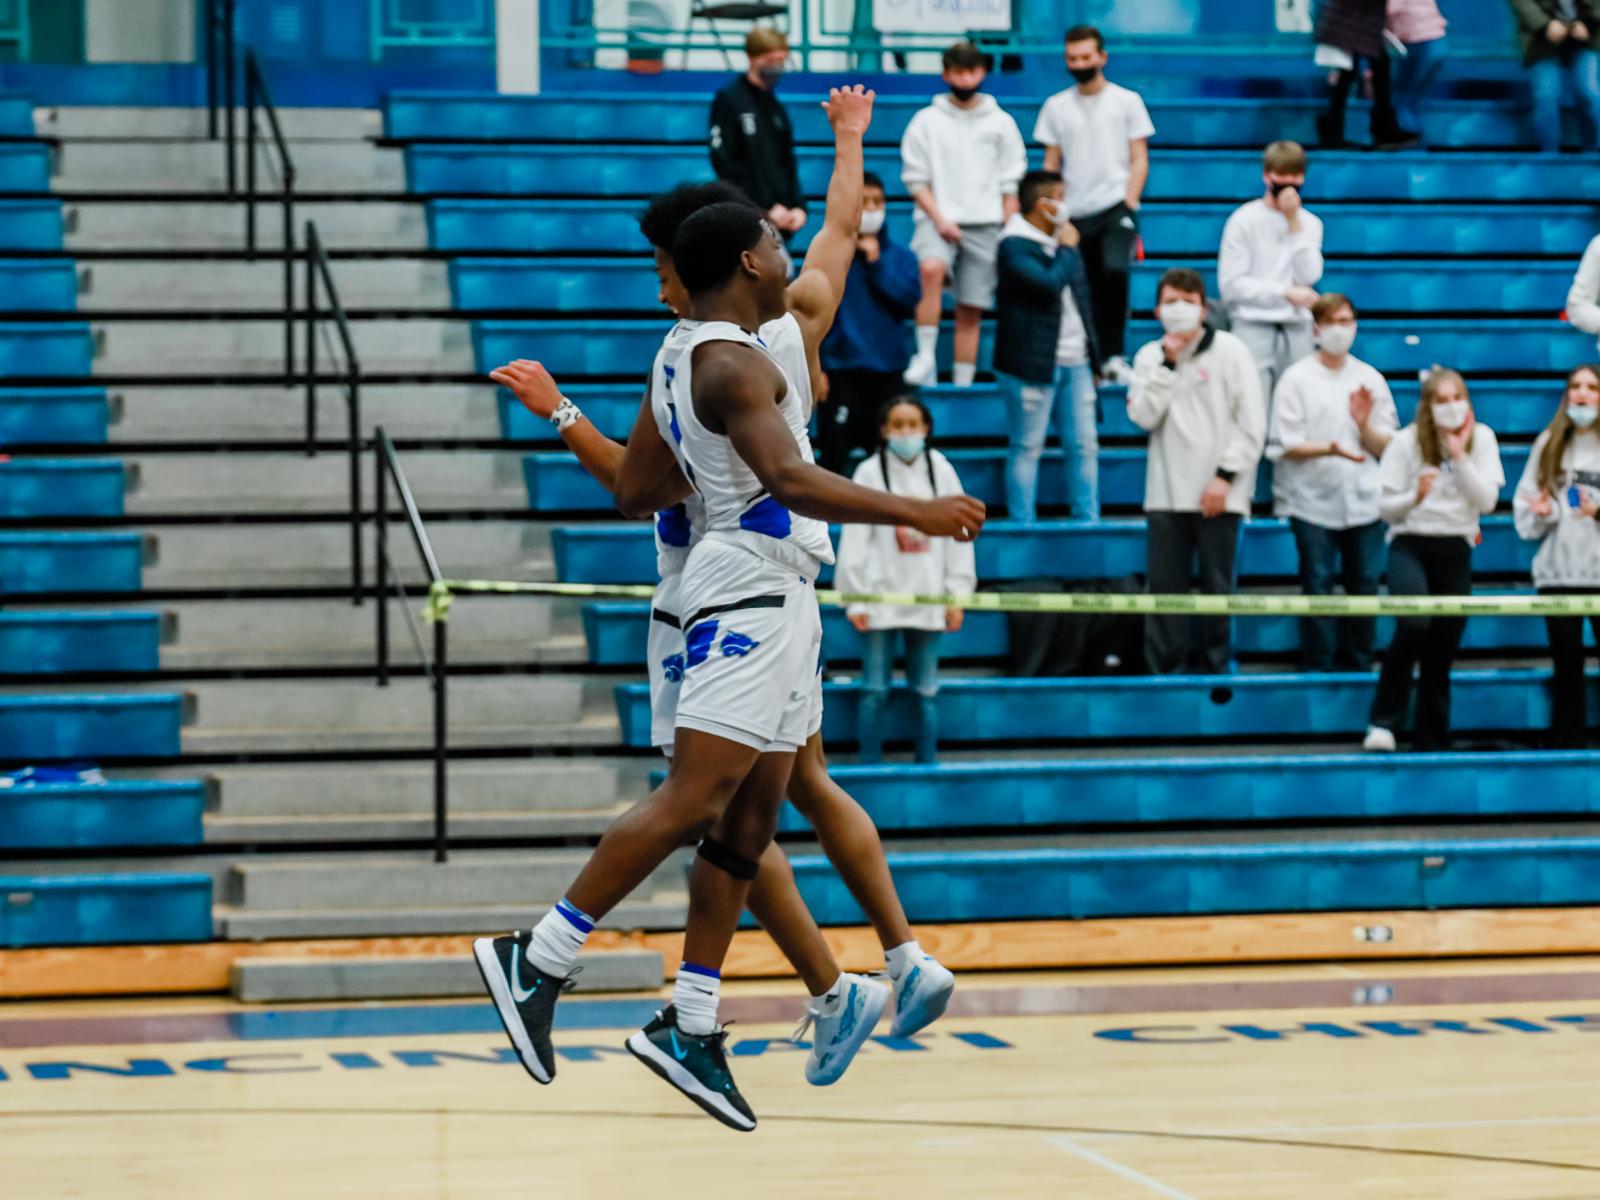 Varsity Boys Basketball vs. Norwood 2-6-2021